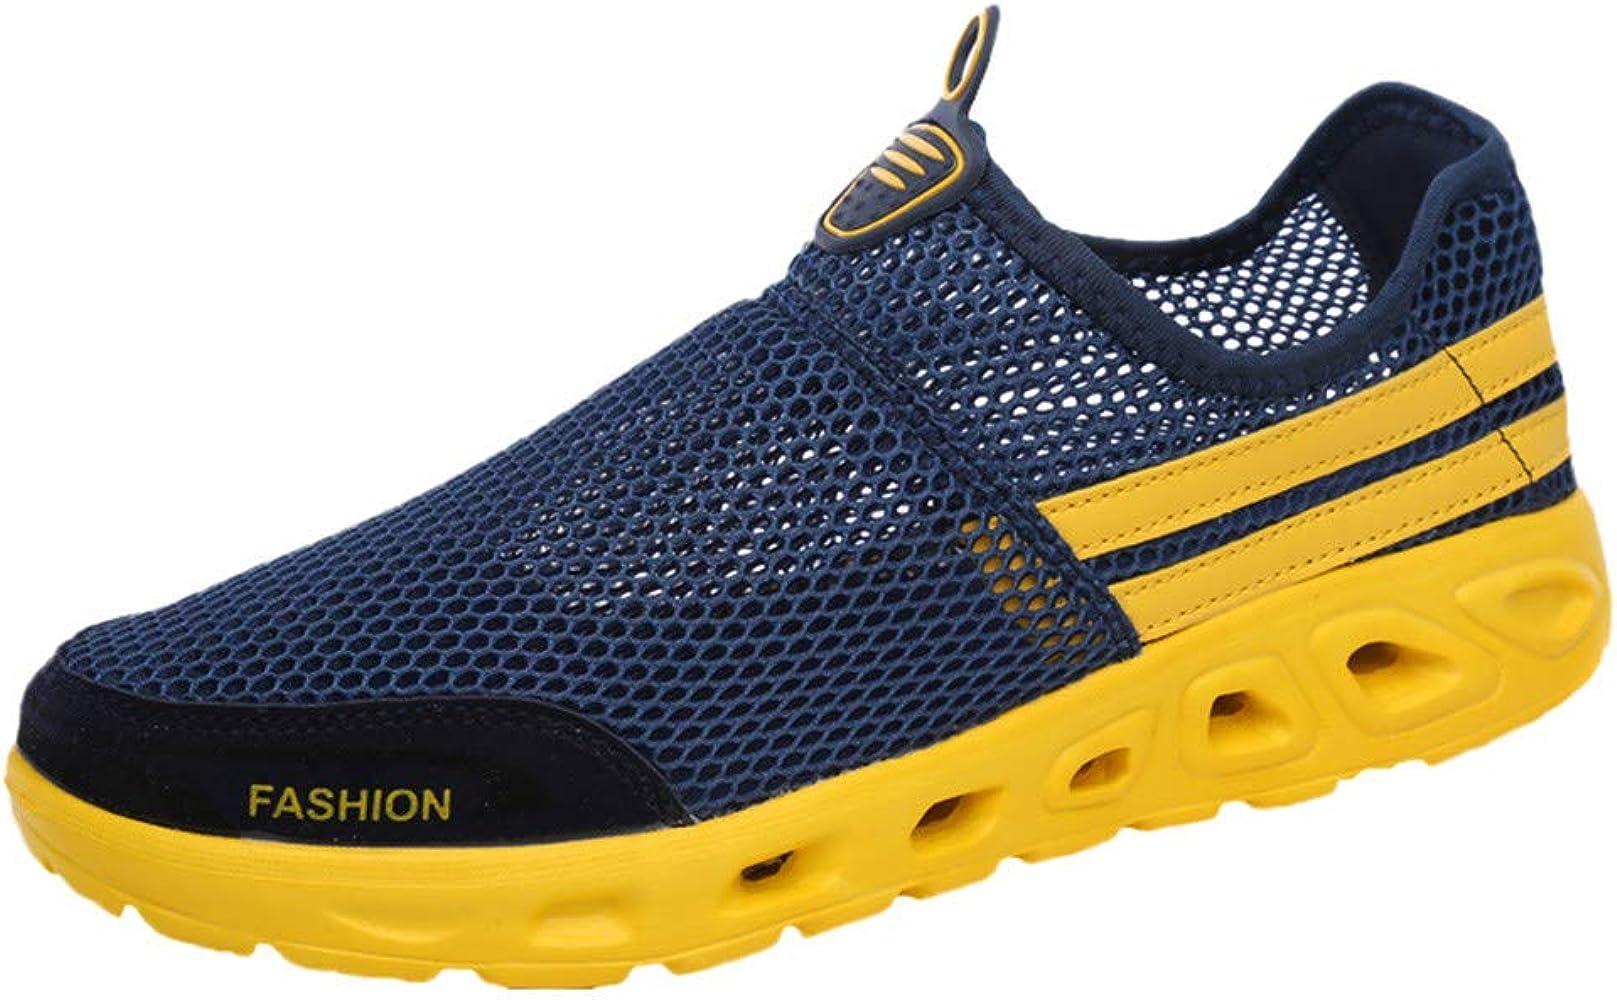 TWIFER Zapatillas Deportivas para Interior para Hombre Verano 2019 Transpirables Running Antideslizante Entrenamiento Casual Moda Unisex Adulto: Amazon.es: Zapatos y complementos